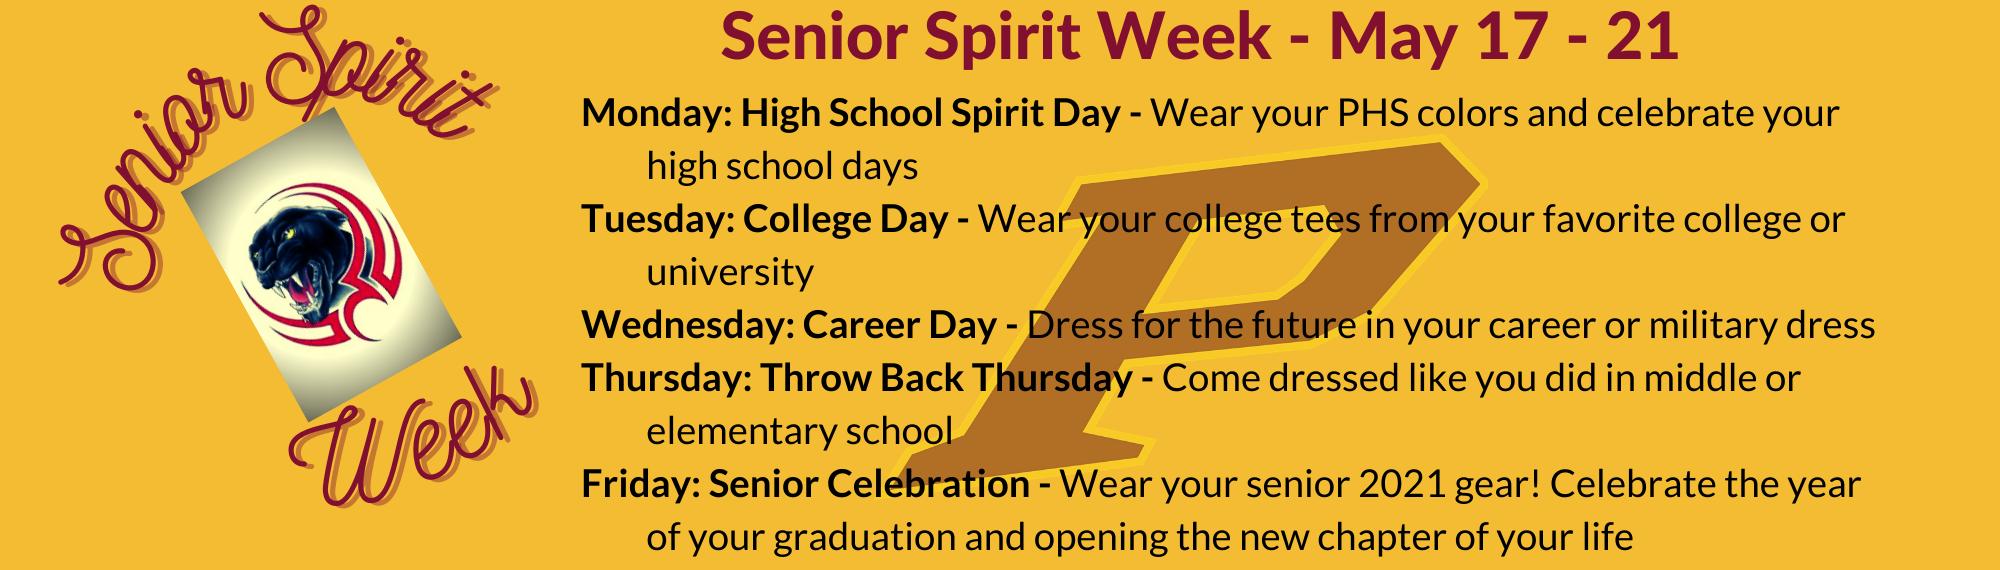 Senior Spirit Week